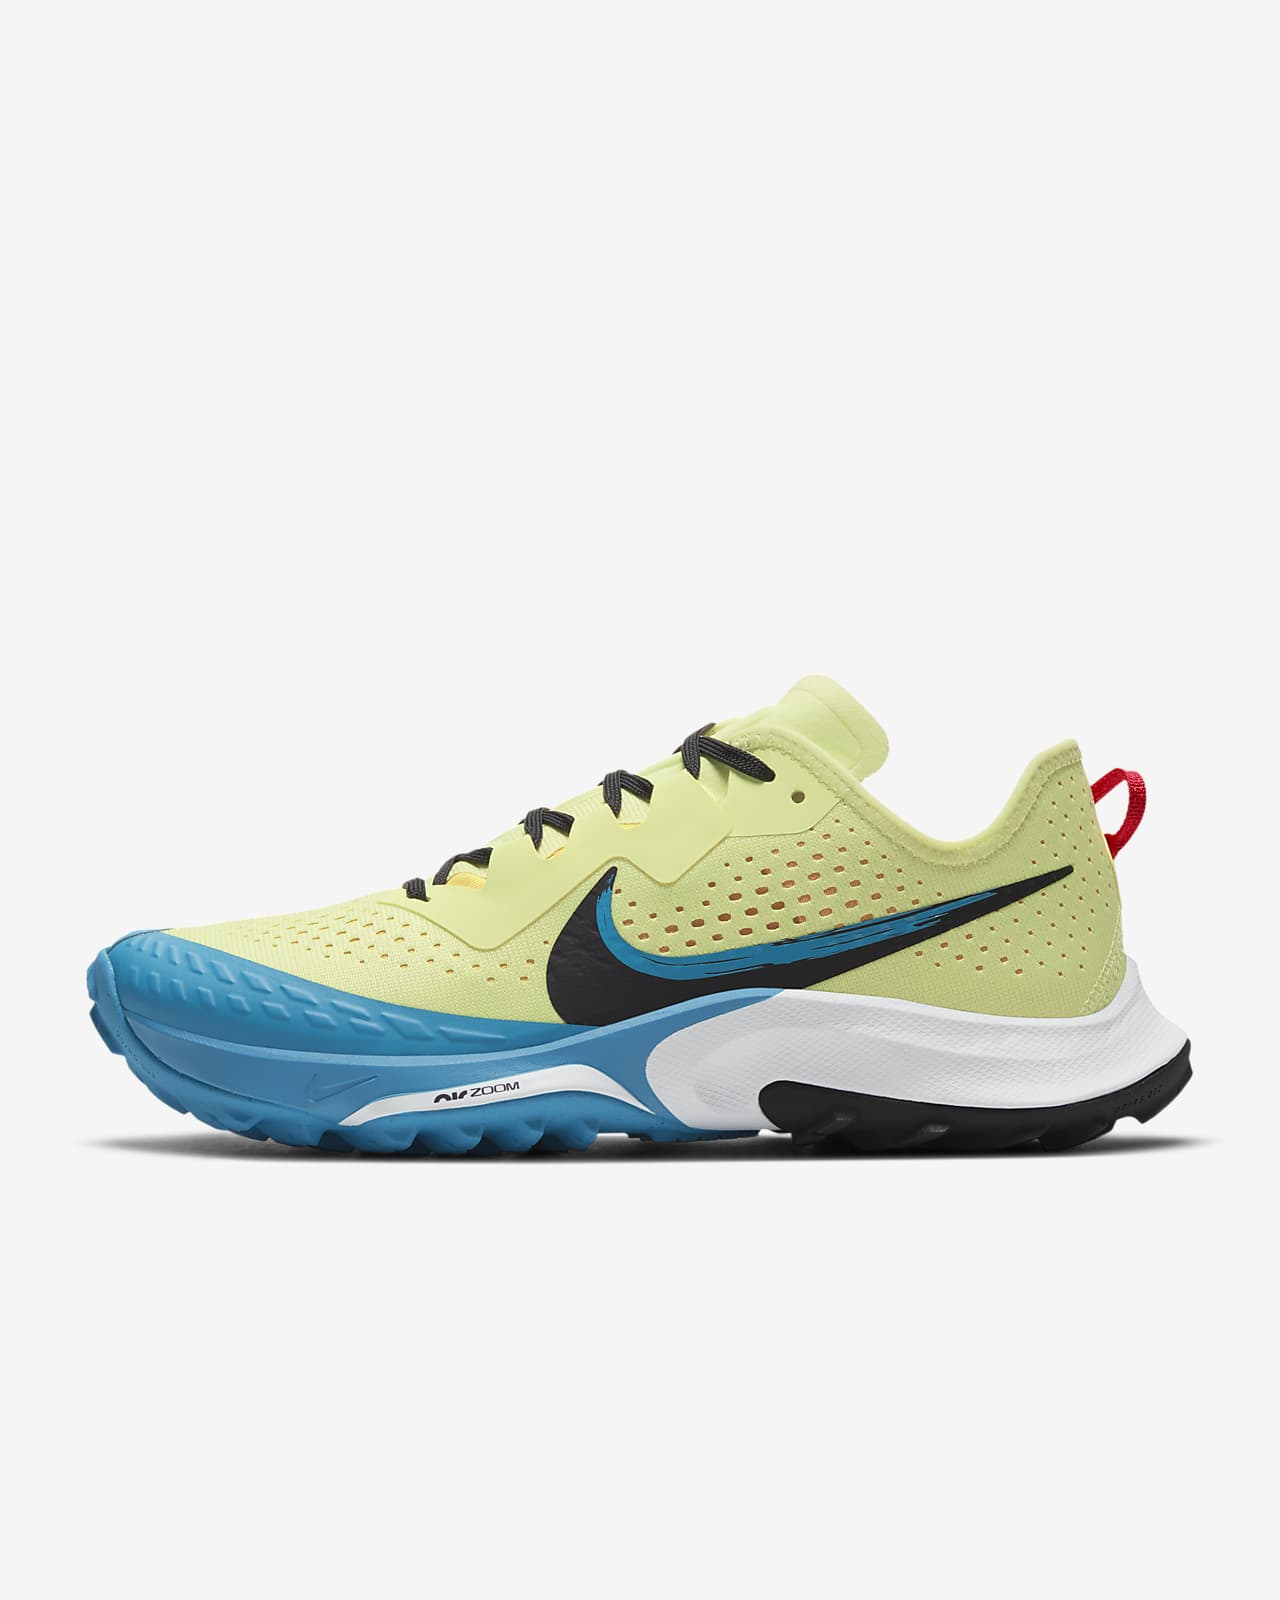 Nike Air Zoom Terra Kiger 7 terrengløpesko til dame